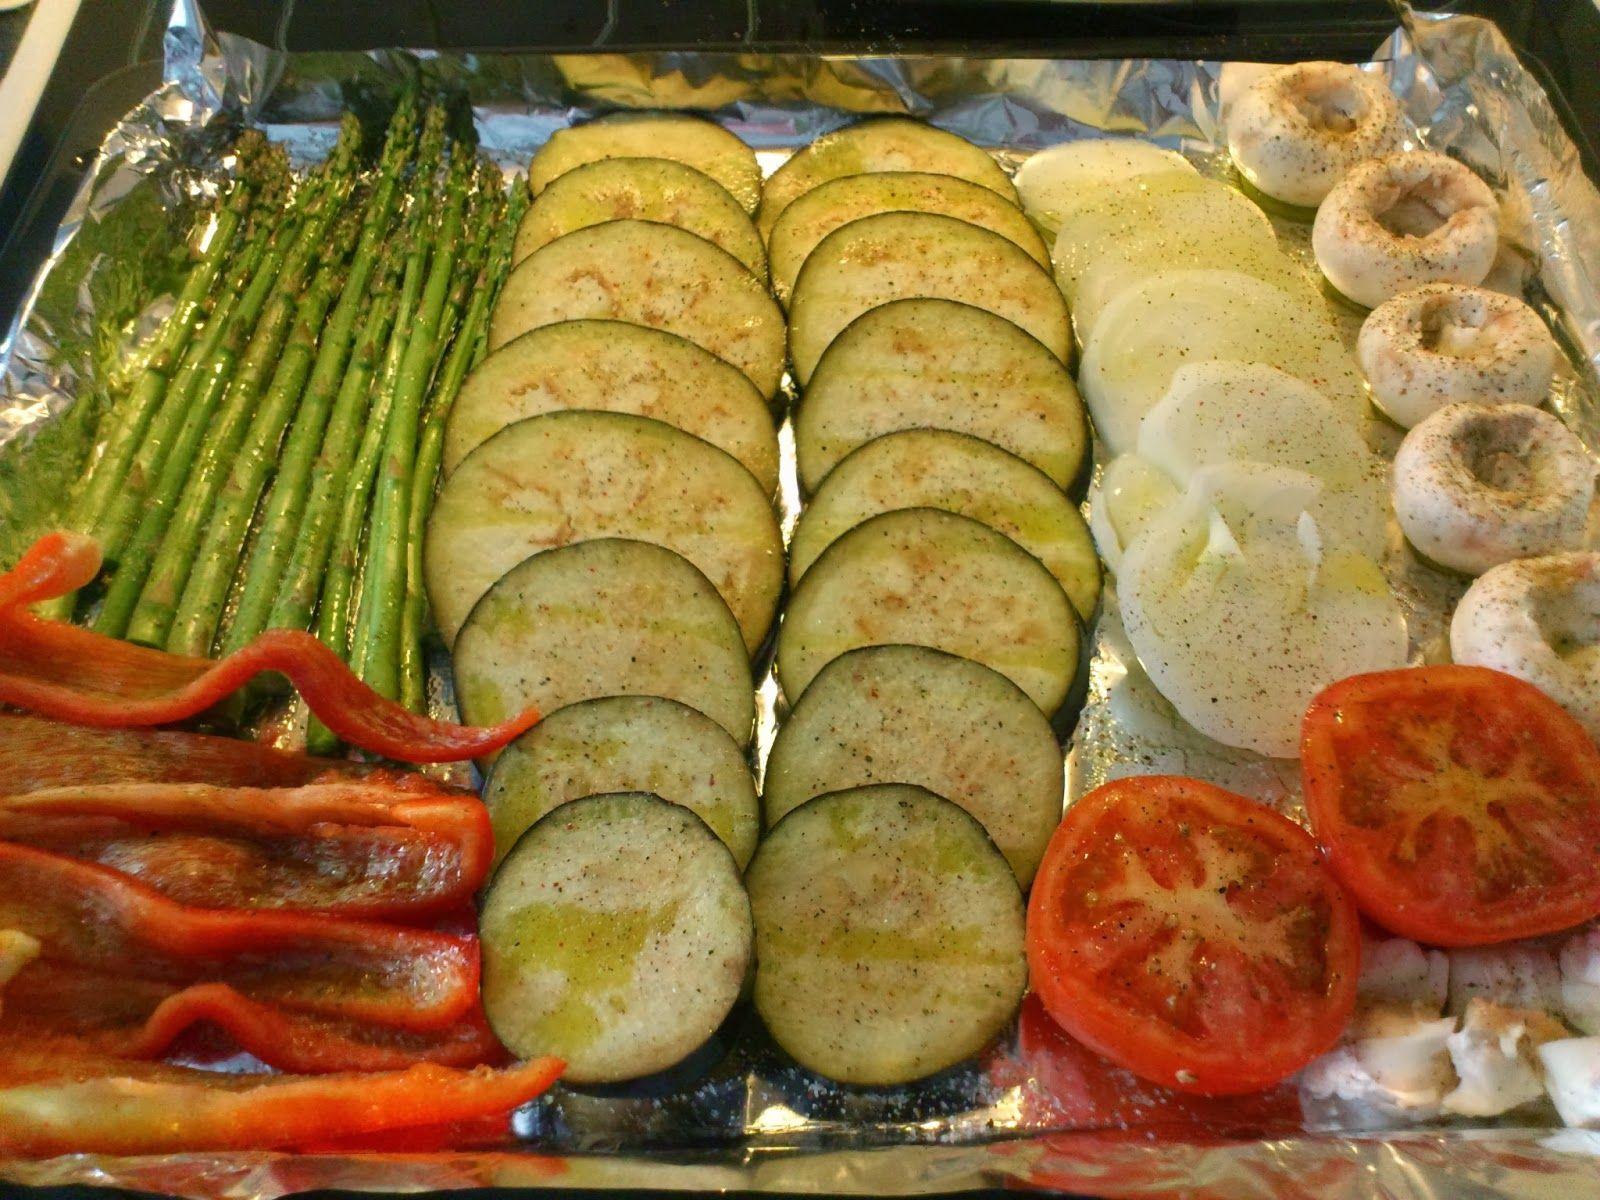 Parrillada De Verduras Al Horno Verduras Al Horno Verduras A La Parrilla Verduras